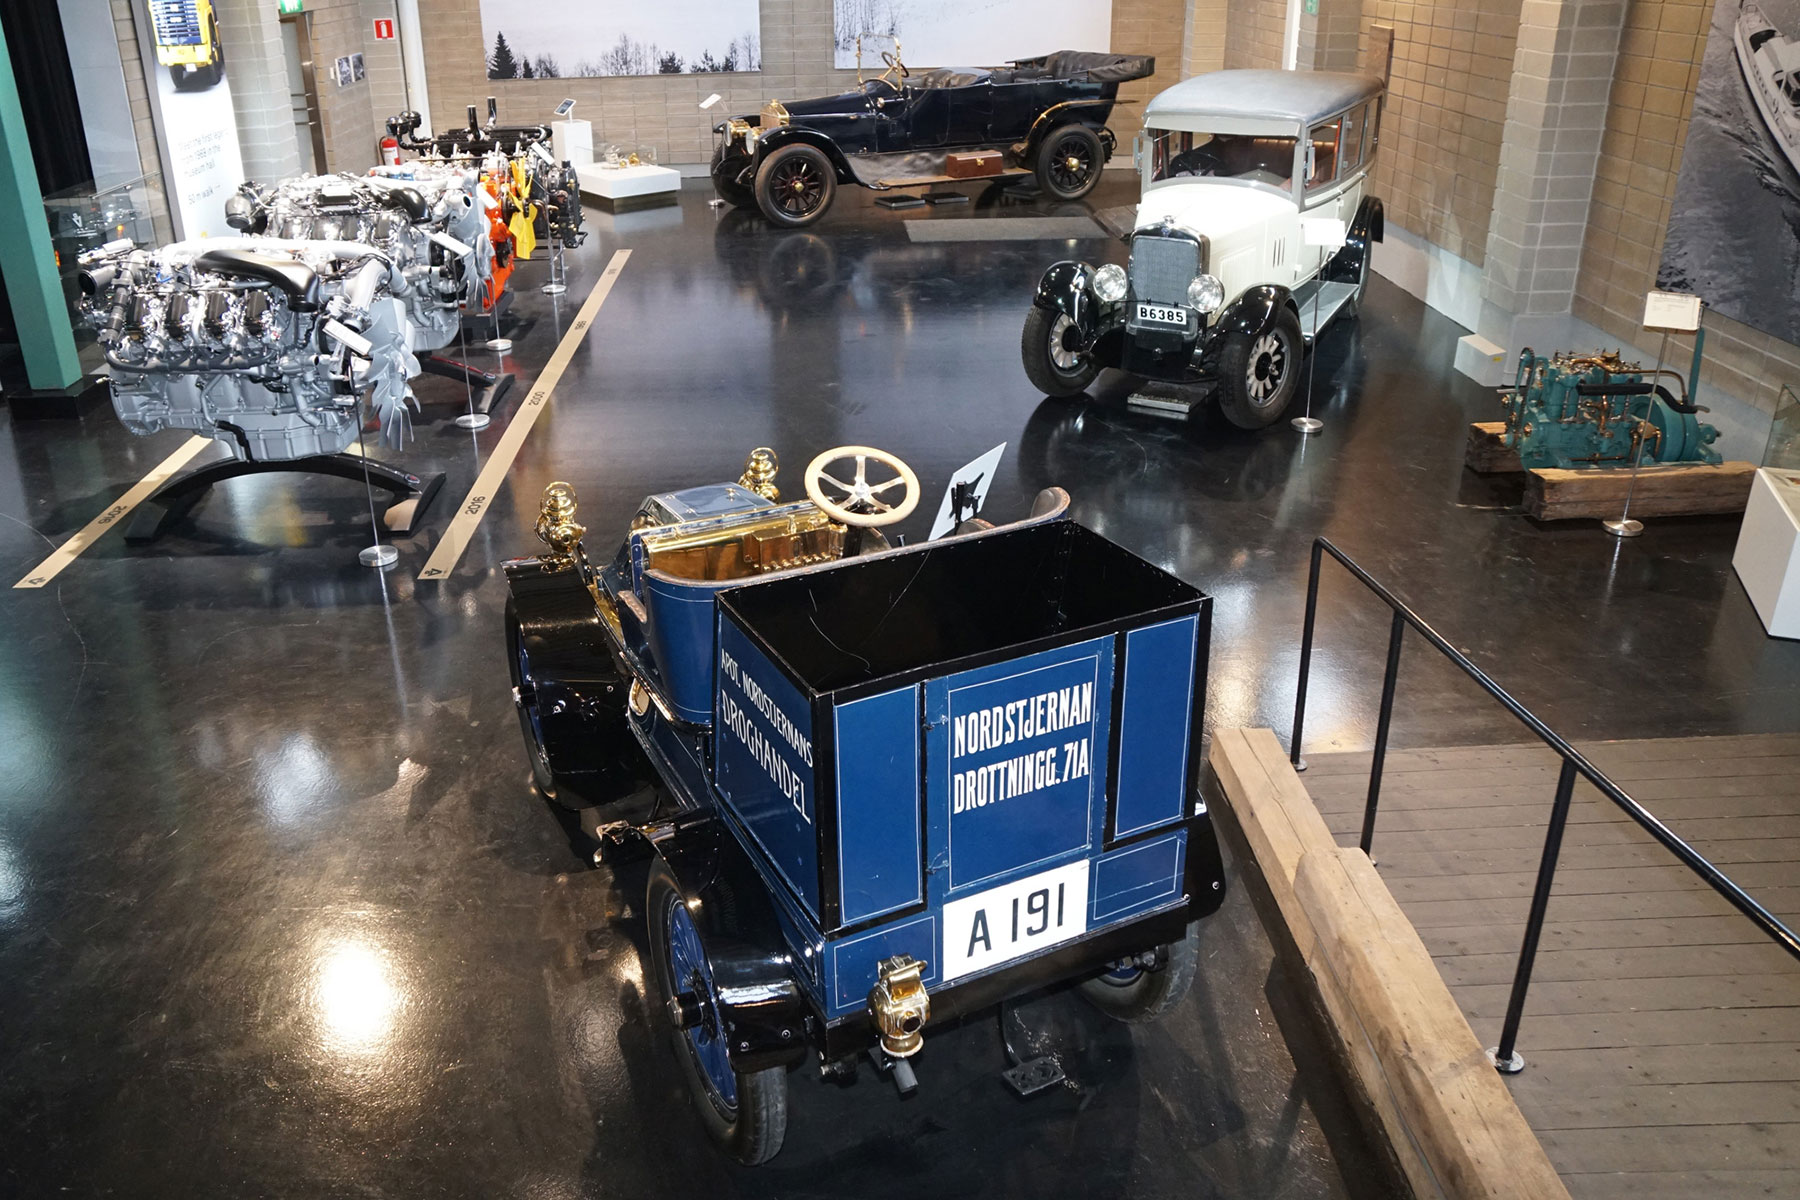 歴代のトラックとバスが勢ぞろい!スケール感あるミュージアムと伝統の社屋からスカニアの歴史を辿る